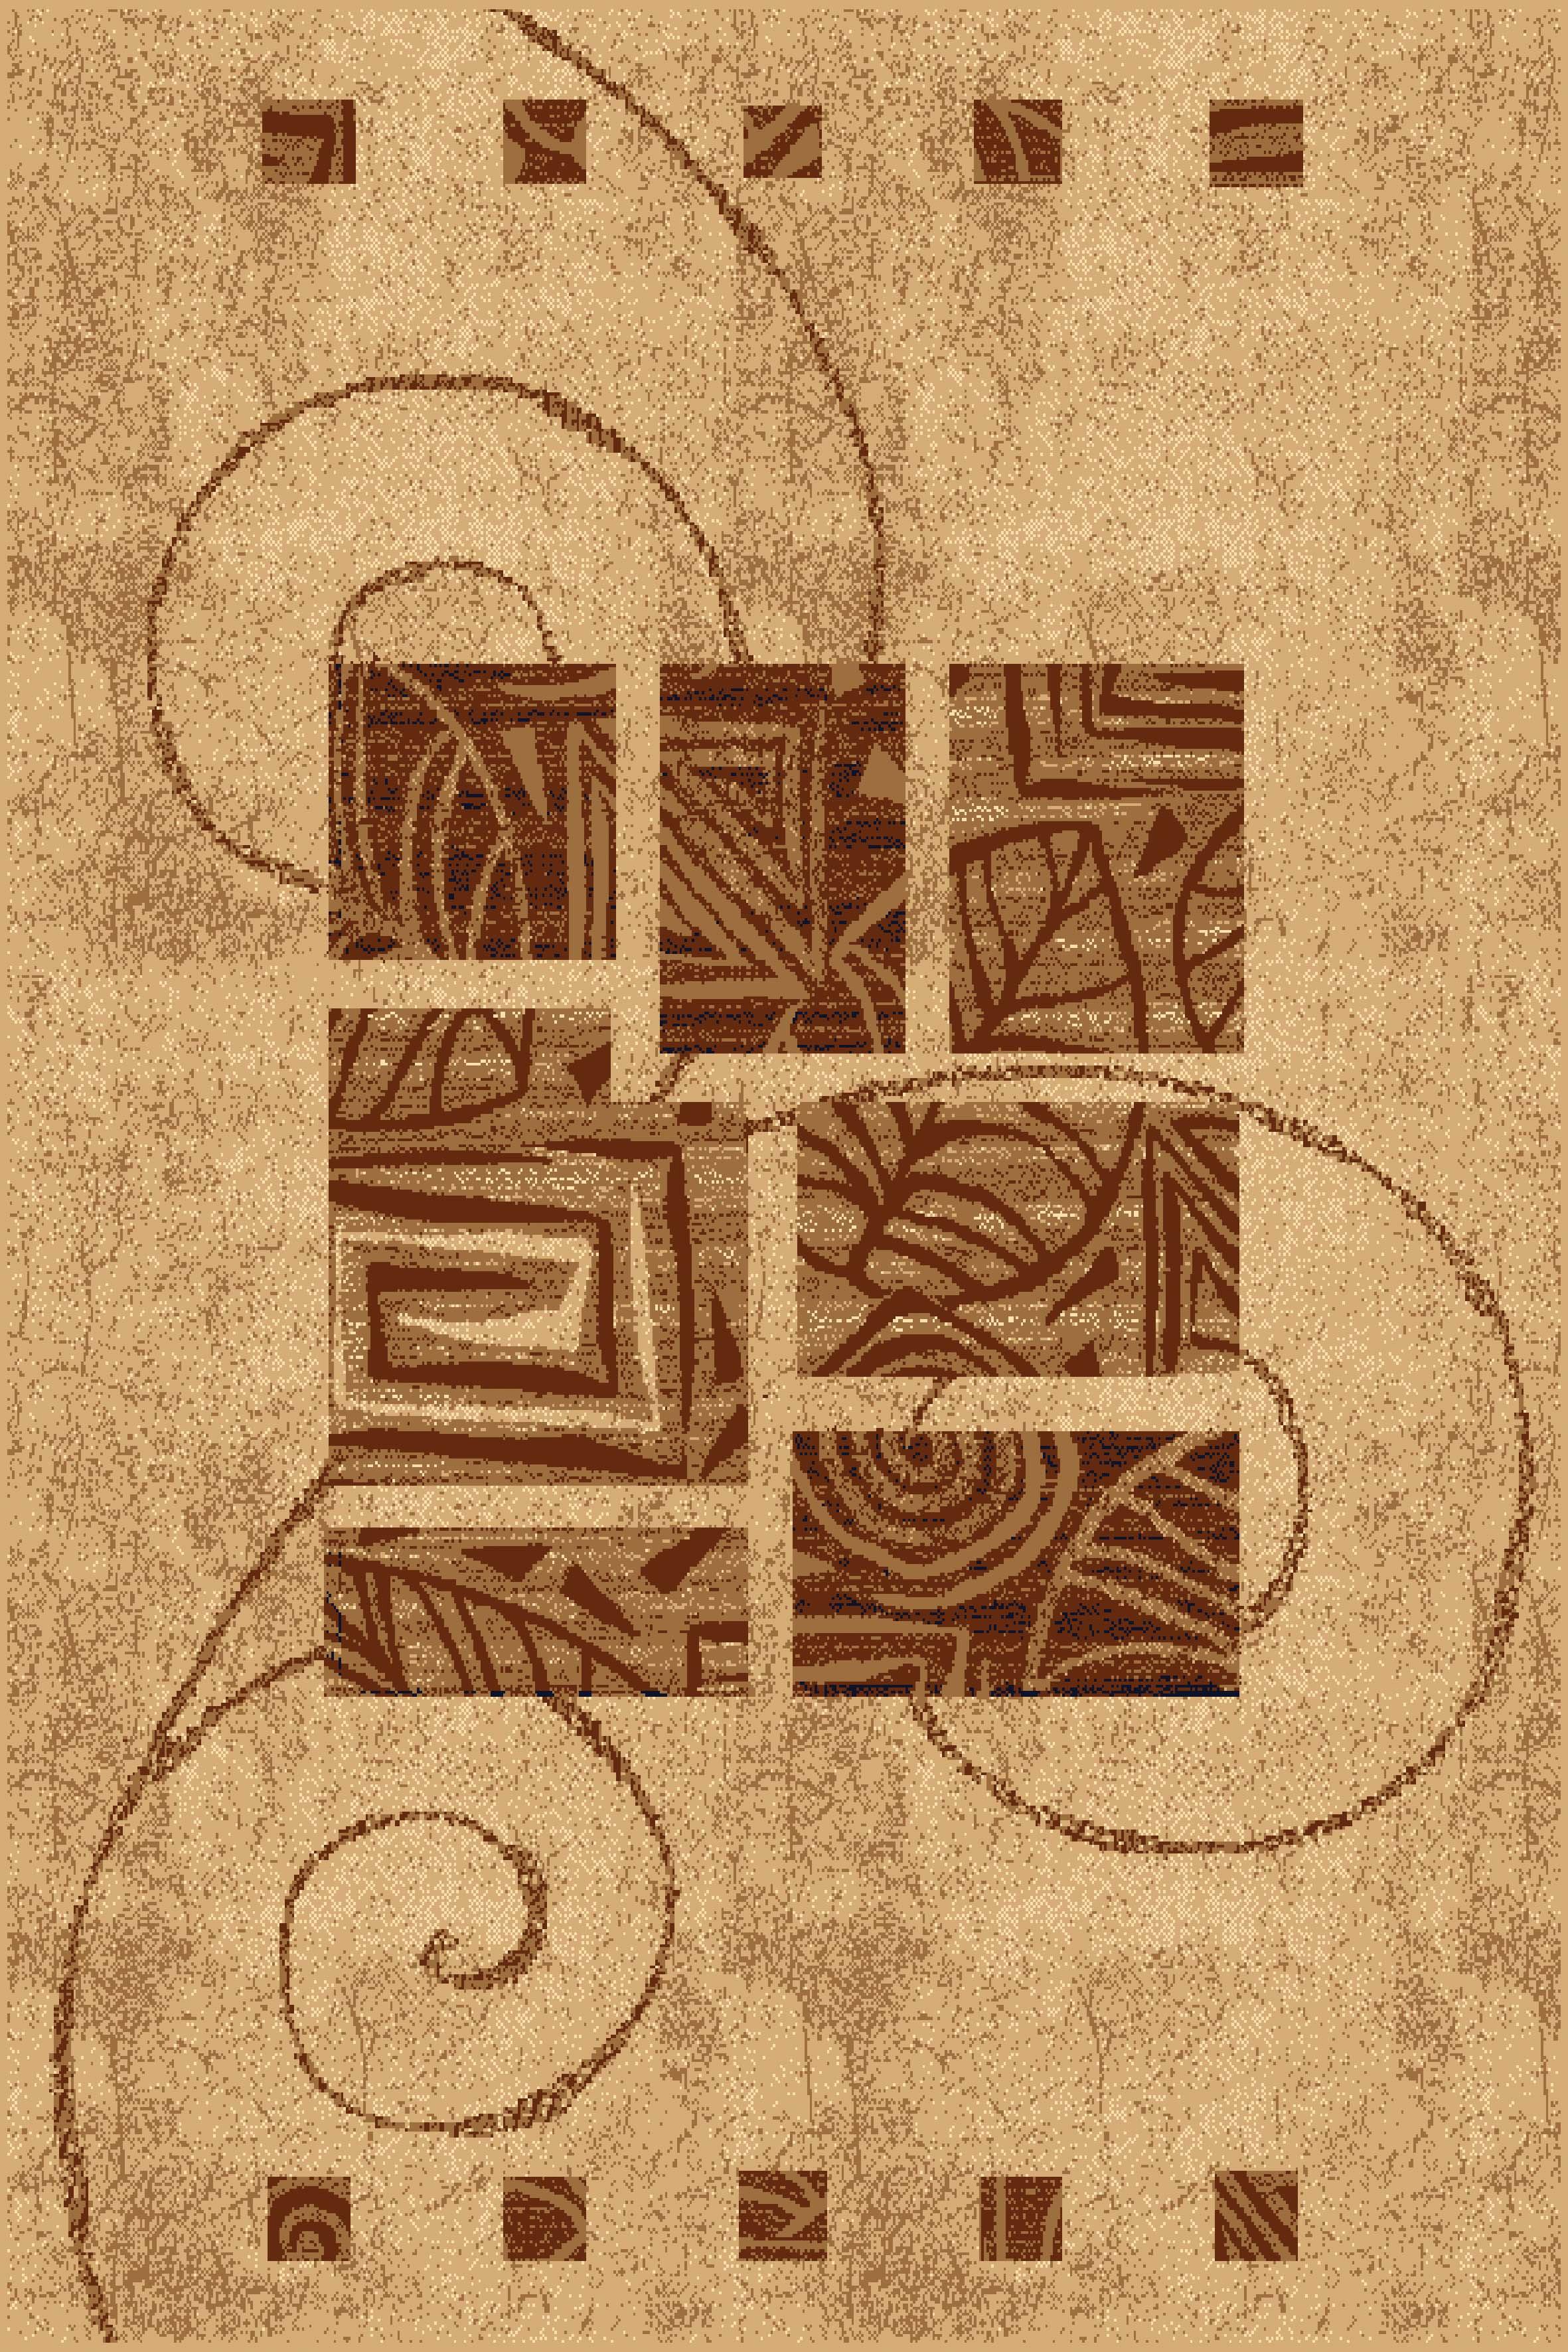 Ковер Sintelon Practica (арт.L 52EDE) 2000*3000ммКлассические ковры<br><br><br>Артикул: L 52EDE<br>Бренд: Sintelon<br>Страна-изготовитель: Сербия<br>Форма ковра: прямоугольник<br>Материал ворса коврового покрытия: Полипропилен<br>Высота ворса коврового покрытия (мм): 8<br>Длина ковра (мм): 2000<br>Ширина ковра (мм): 3000<br>Цвет коврового покрытия: Бежевый